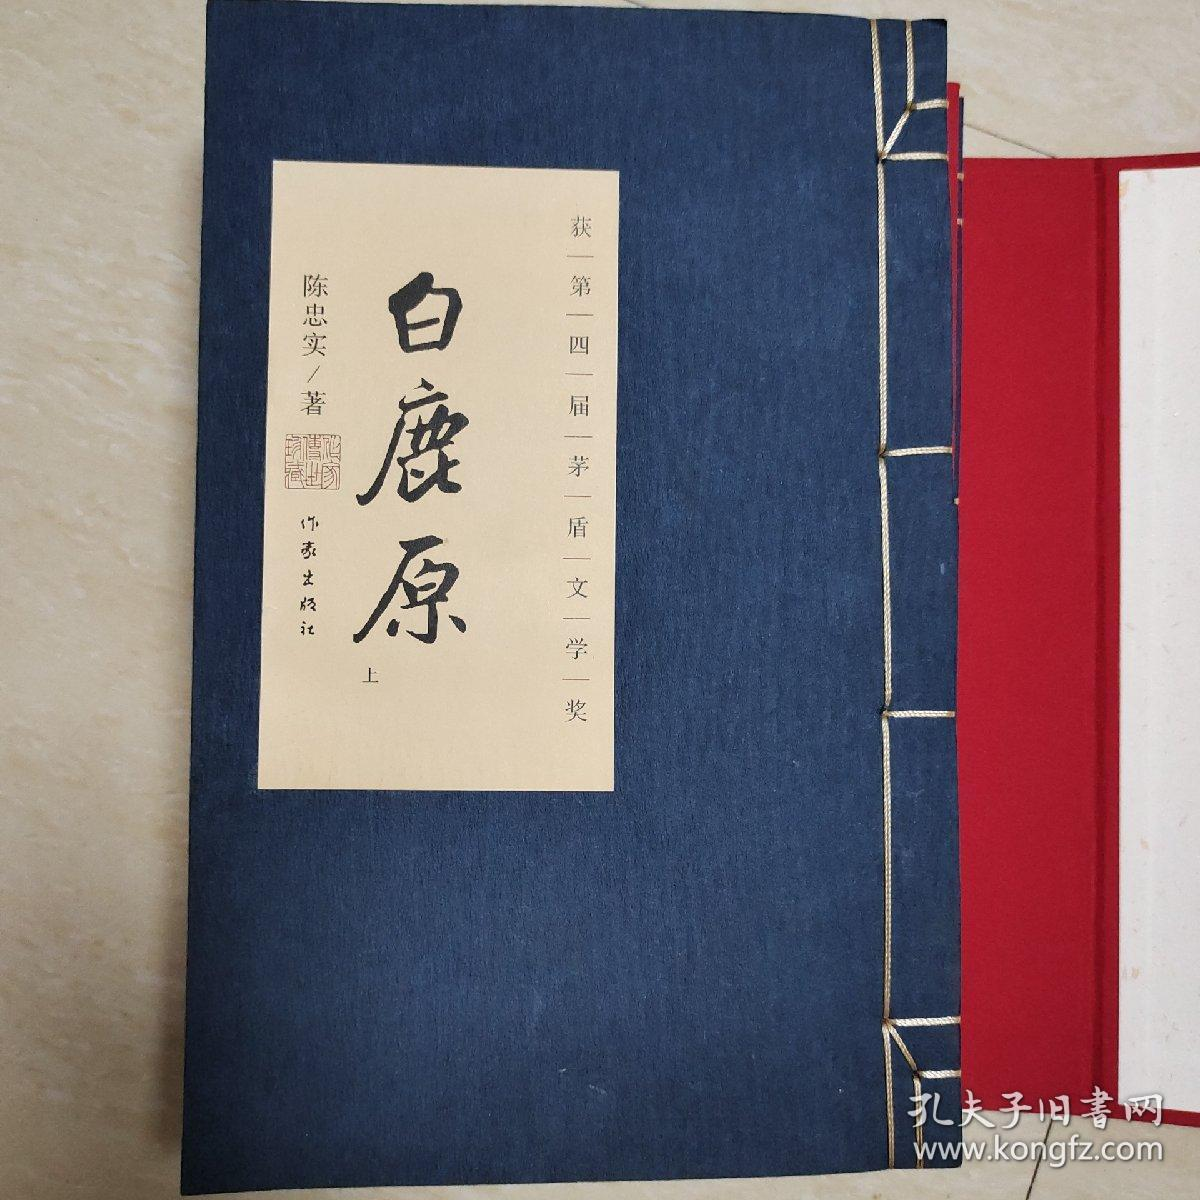 白鹿原  陈忠实签名钤印日期  线装 宣纸